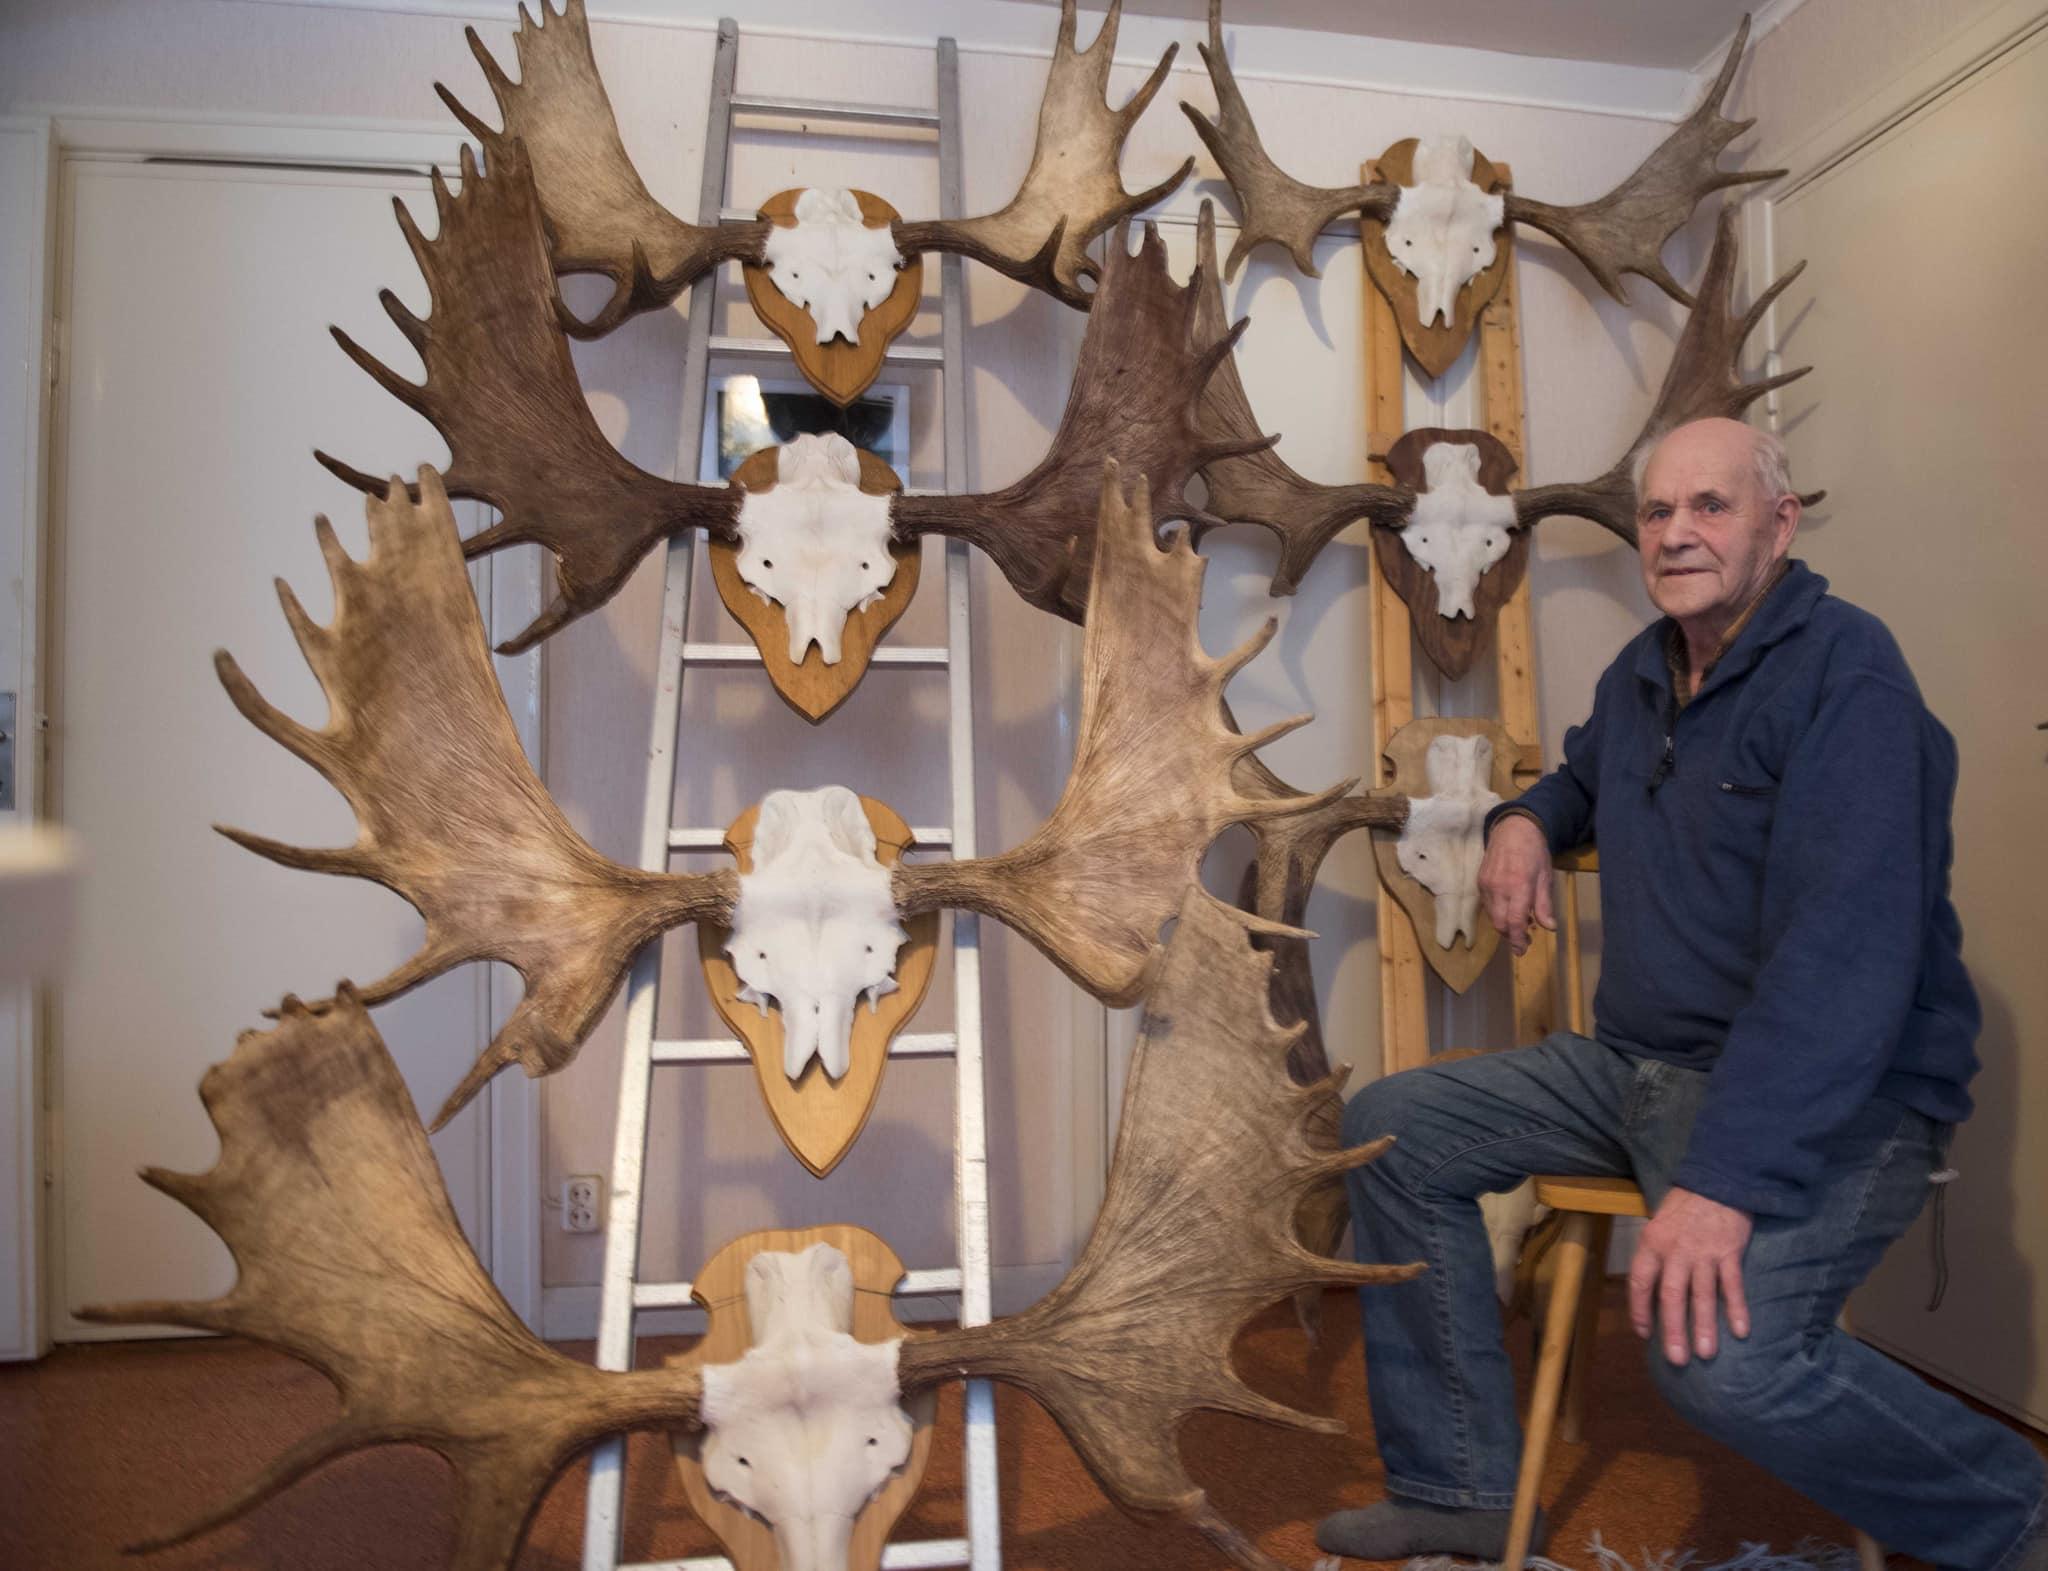 Hans Magnussons hornsamling är makalös. Hur många mil han gått i skog och mark för att hitta alla horn går inte ens att föreställa sig. Foto: Jan Henricson